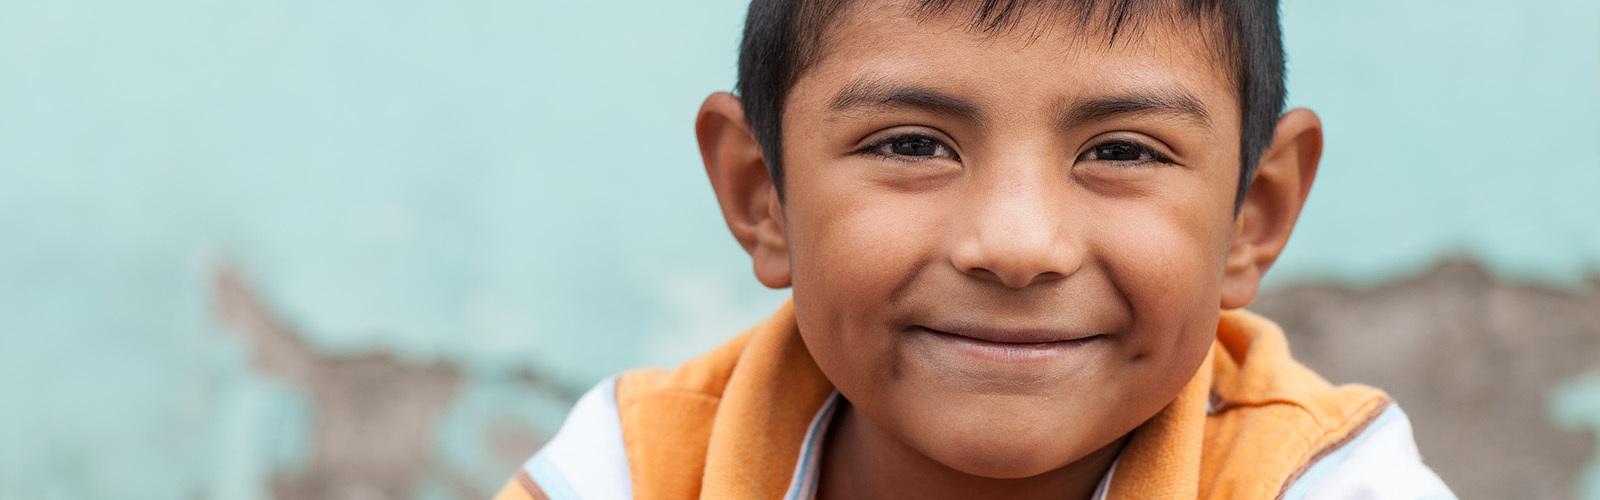 En smilende, glad, trygg og komfortabel seksårig gutt er utendørs, med en blå vegg i bakgrunnen